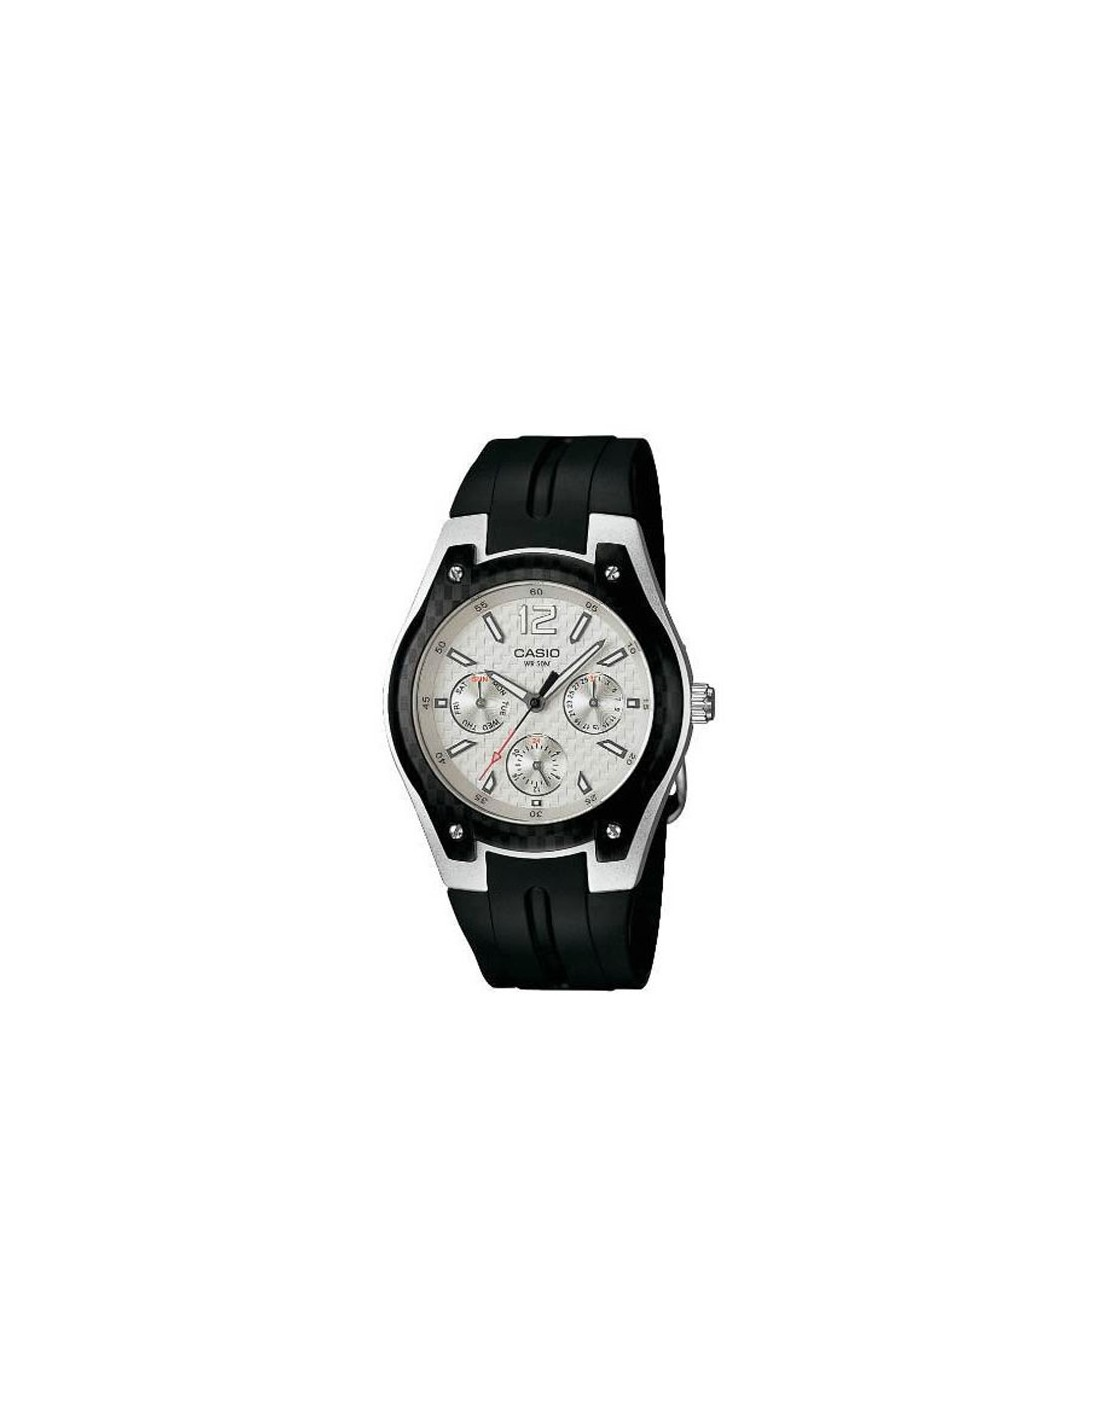 8c48e0fcf664 Reloj Casio Collection MTR-301-7AVEF